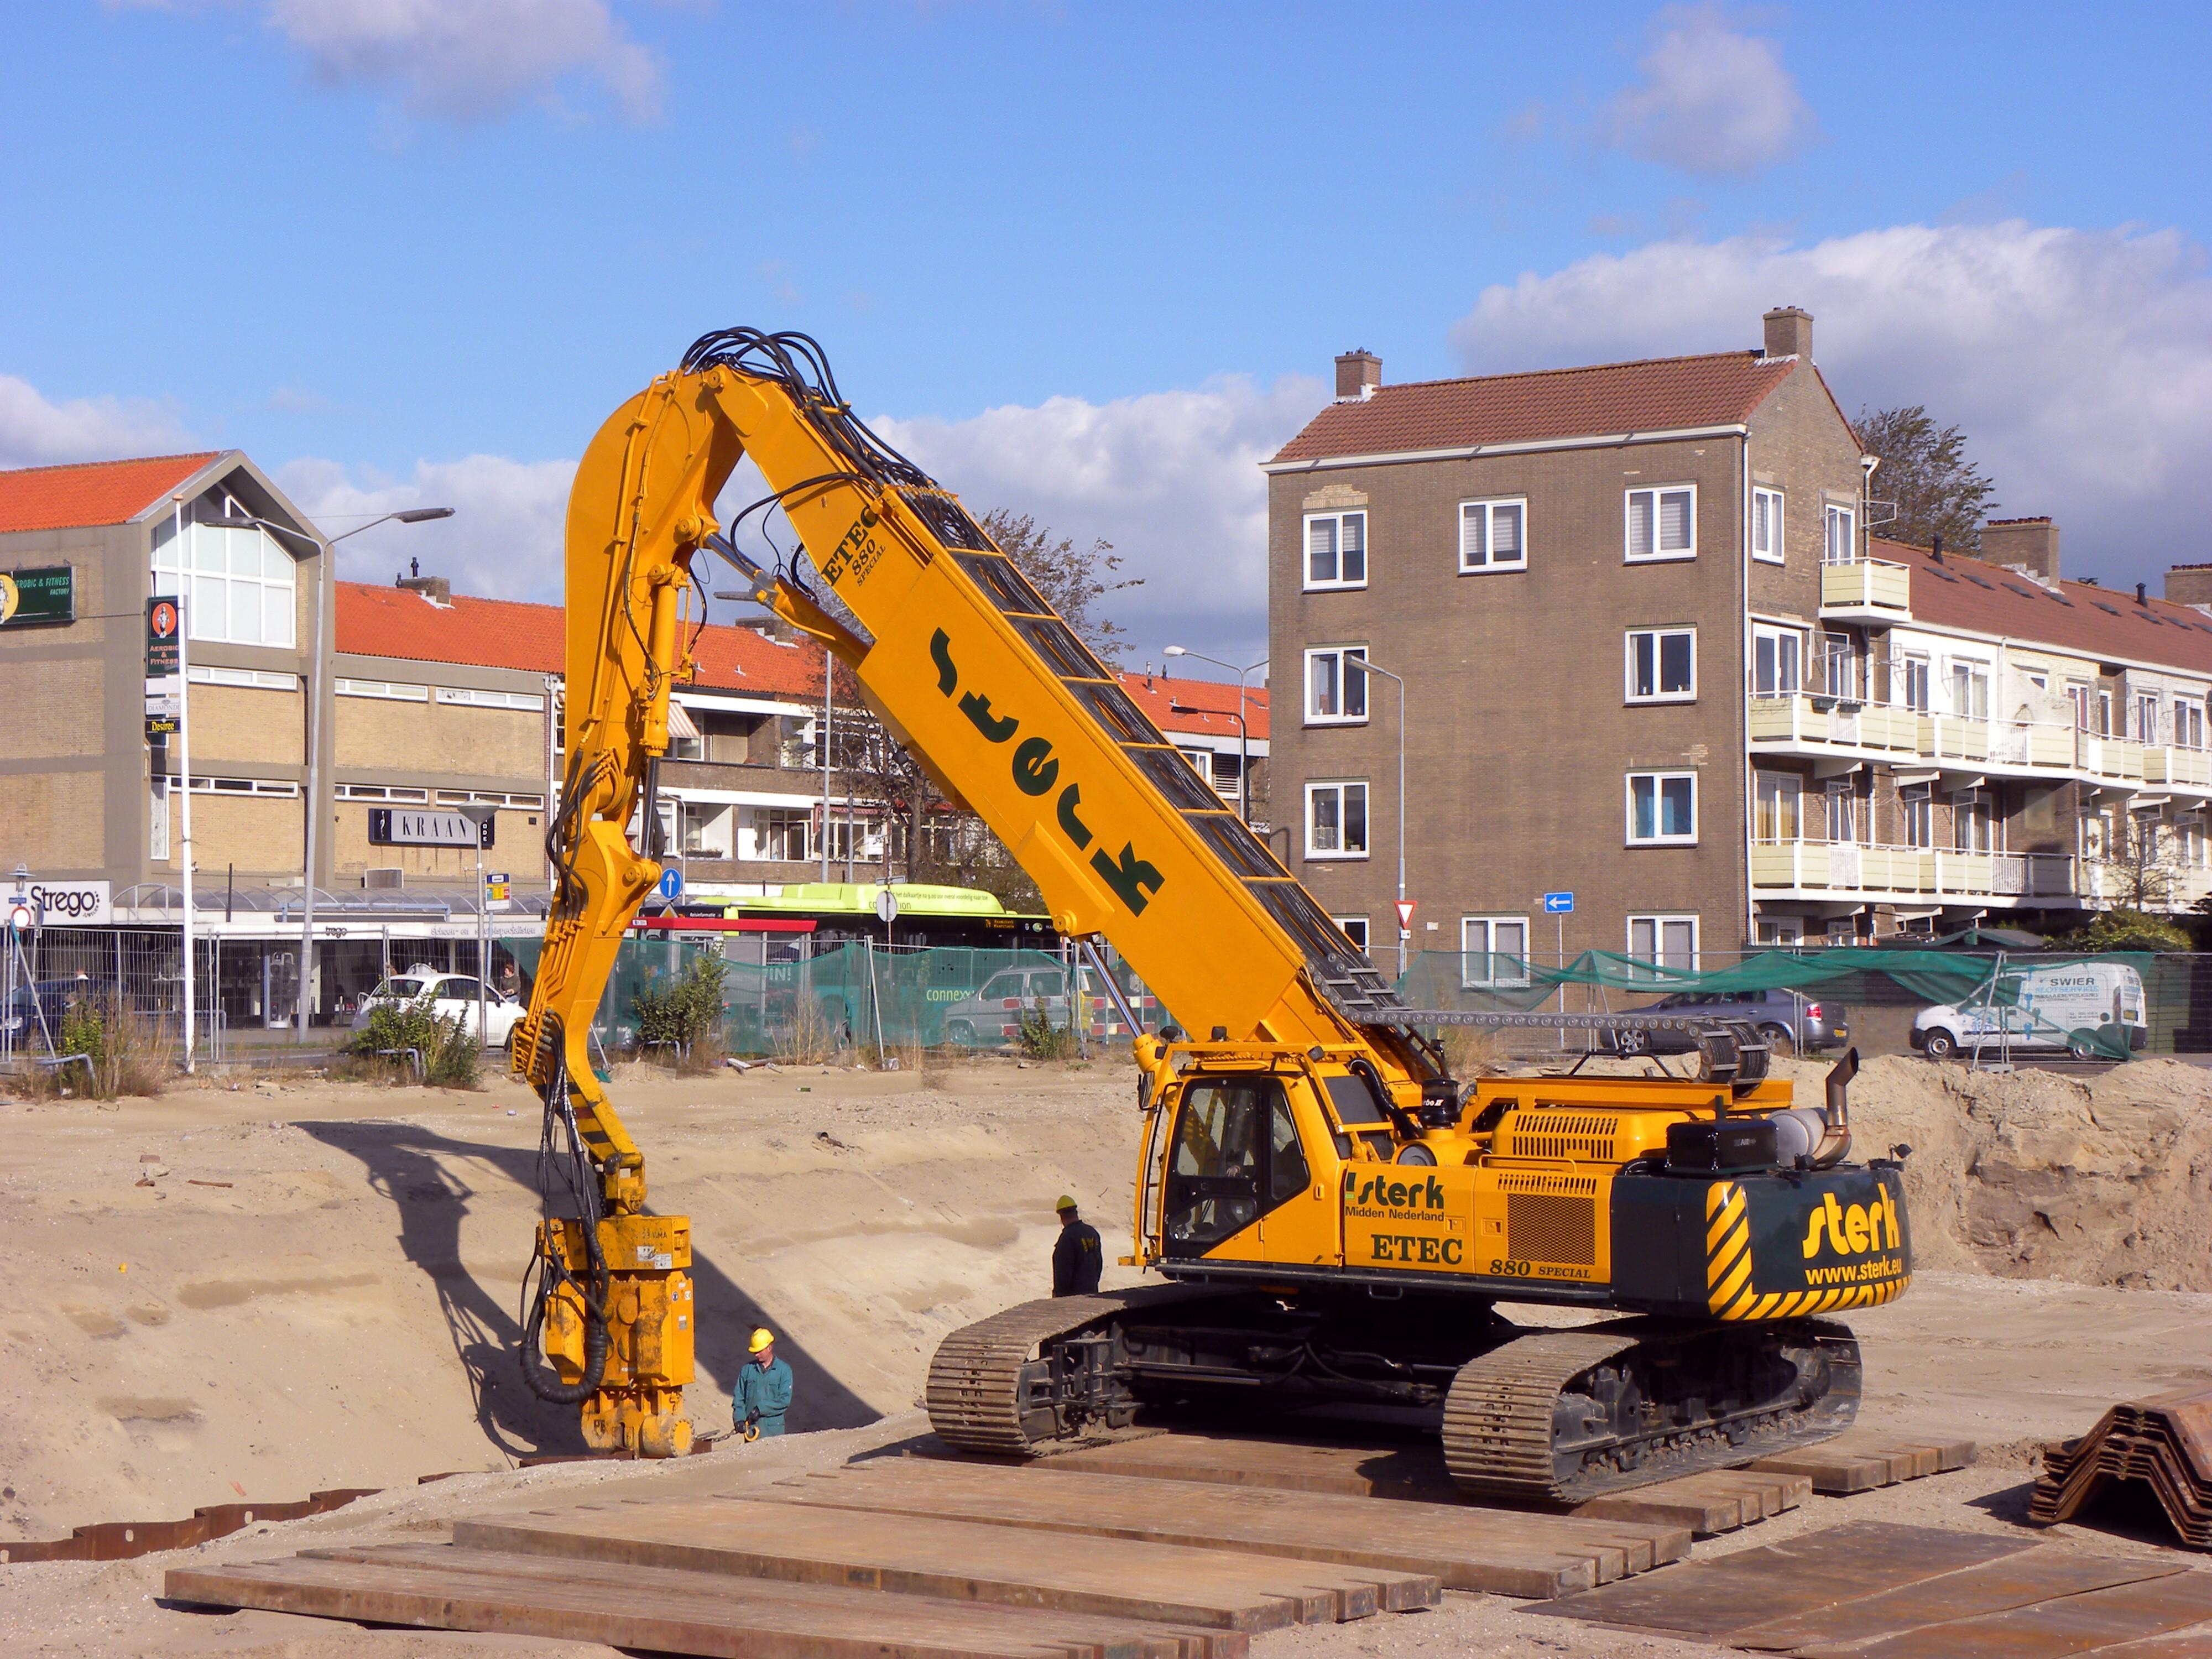 ETEC escavatori olandesi Etec_880_special_removing_Sheet_pile_walls_(1)